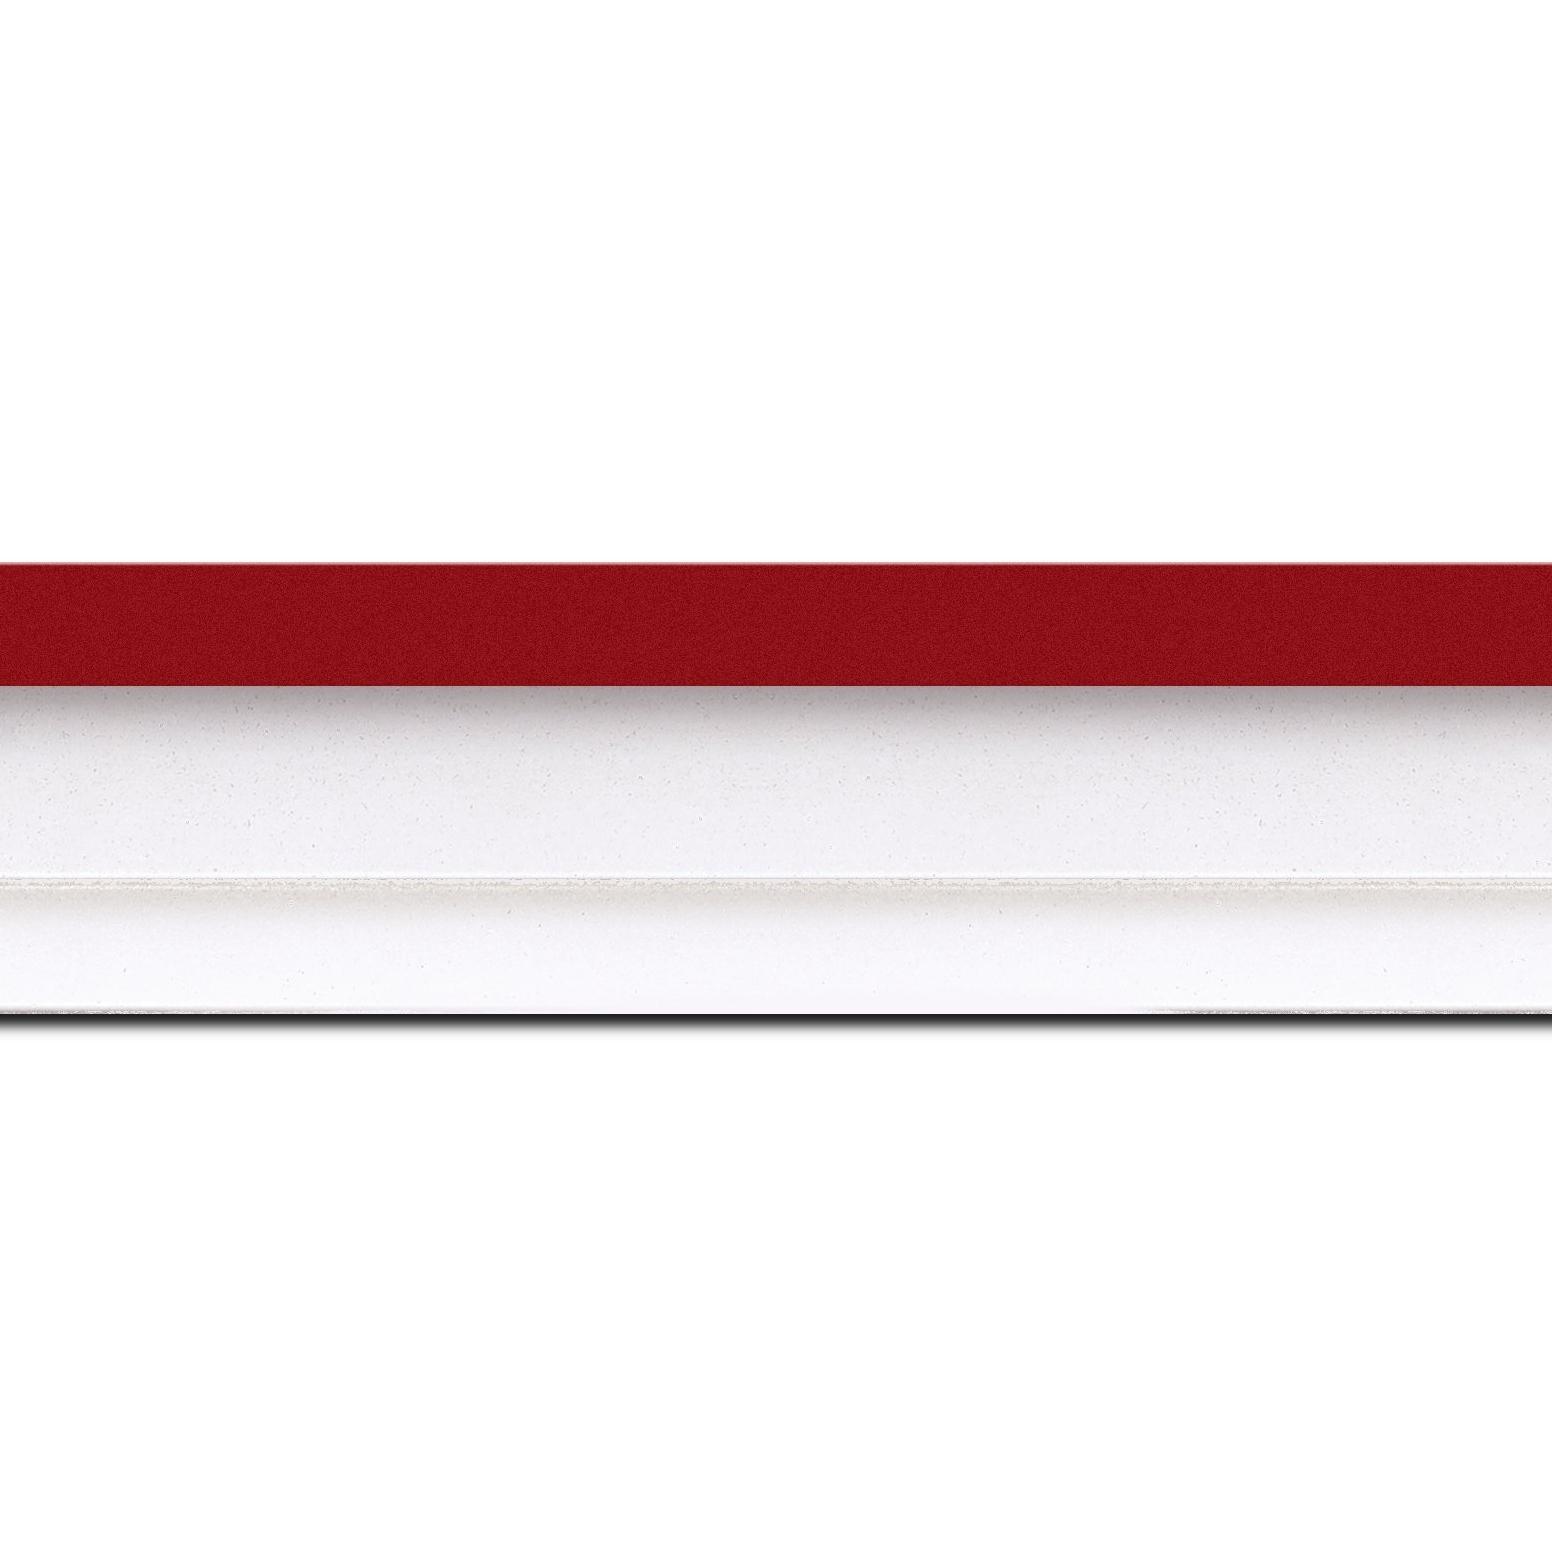 Baguette longueur 1.40m bois caisse américaine profil escalier largeur 4.4cm blanc mat filet rouge (spécialement conçu pour les châssis d'une épaisseur jusqu'à 2.5cm )